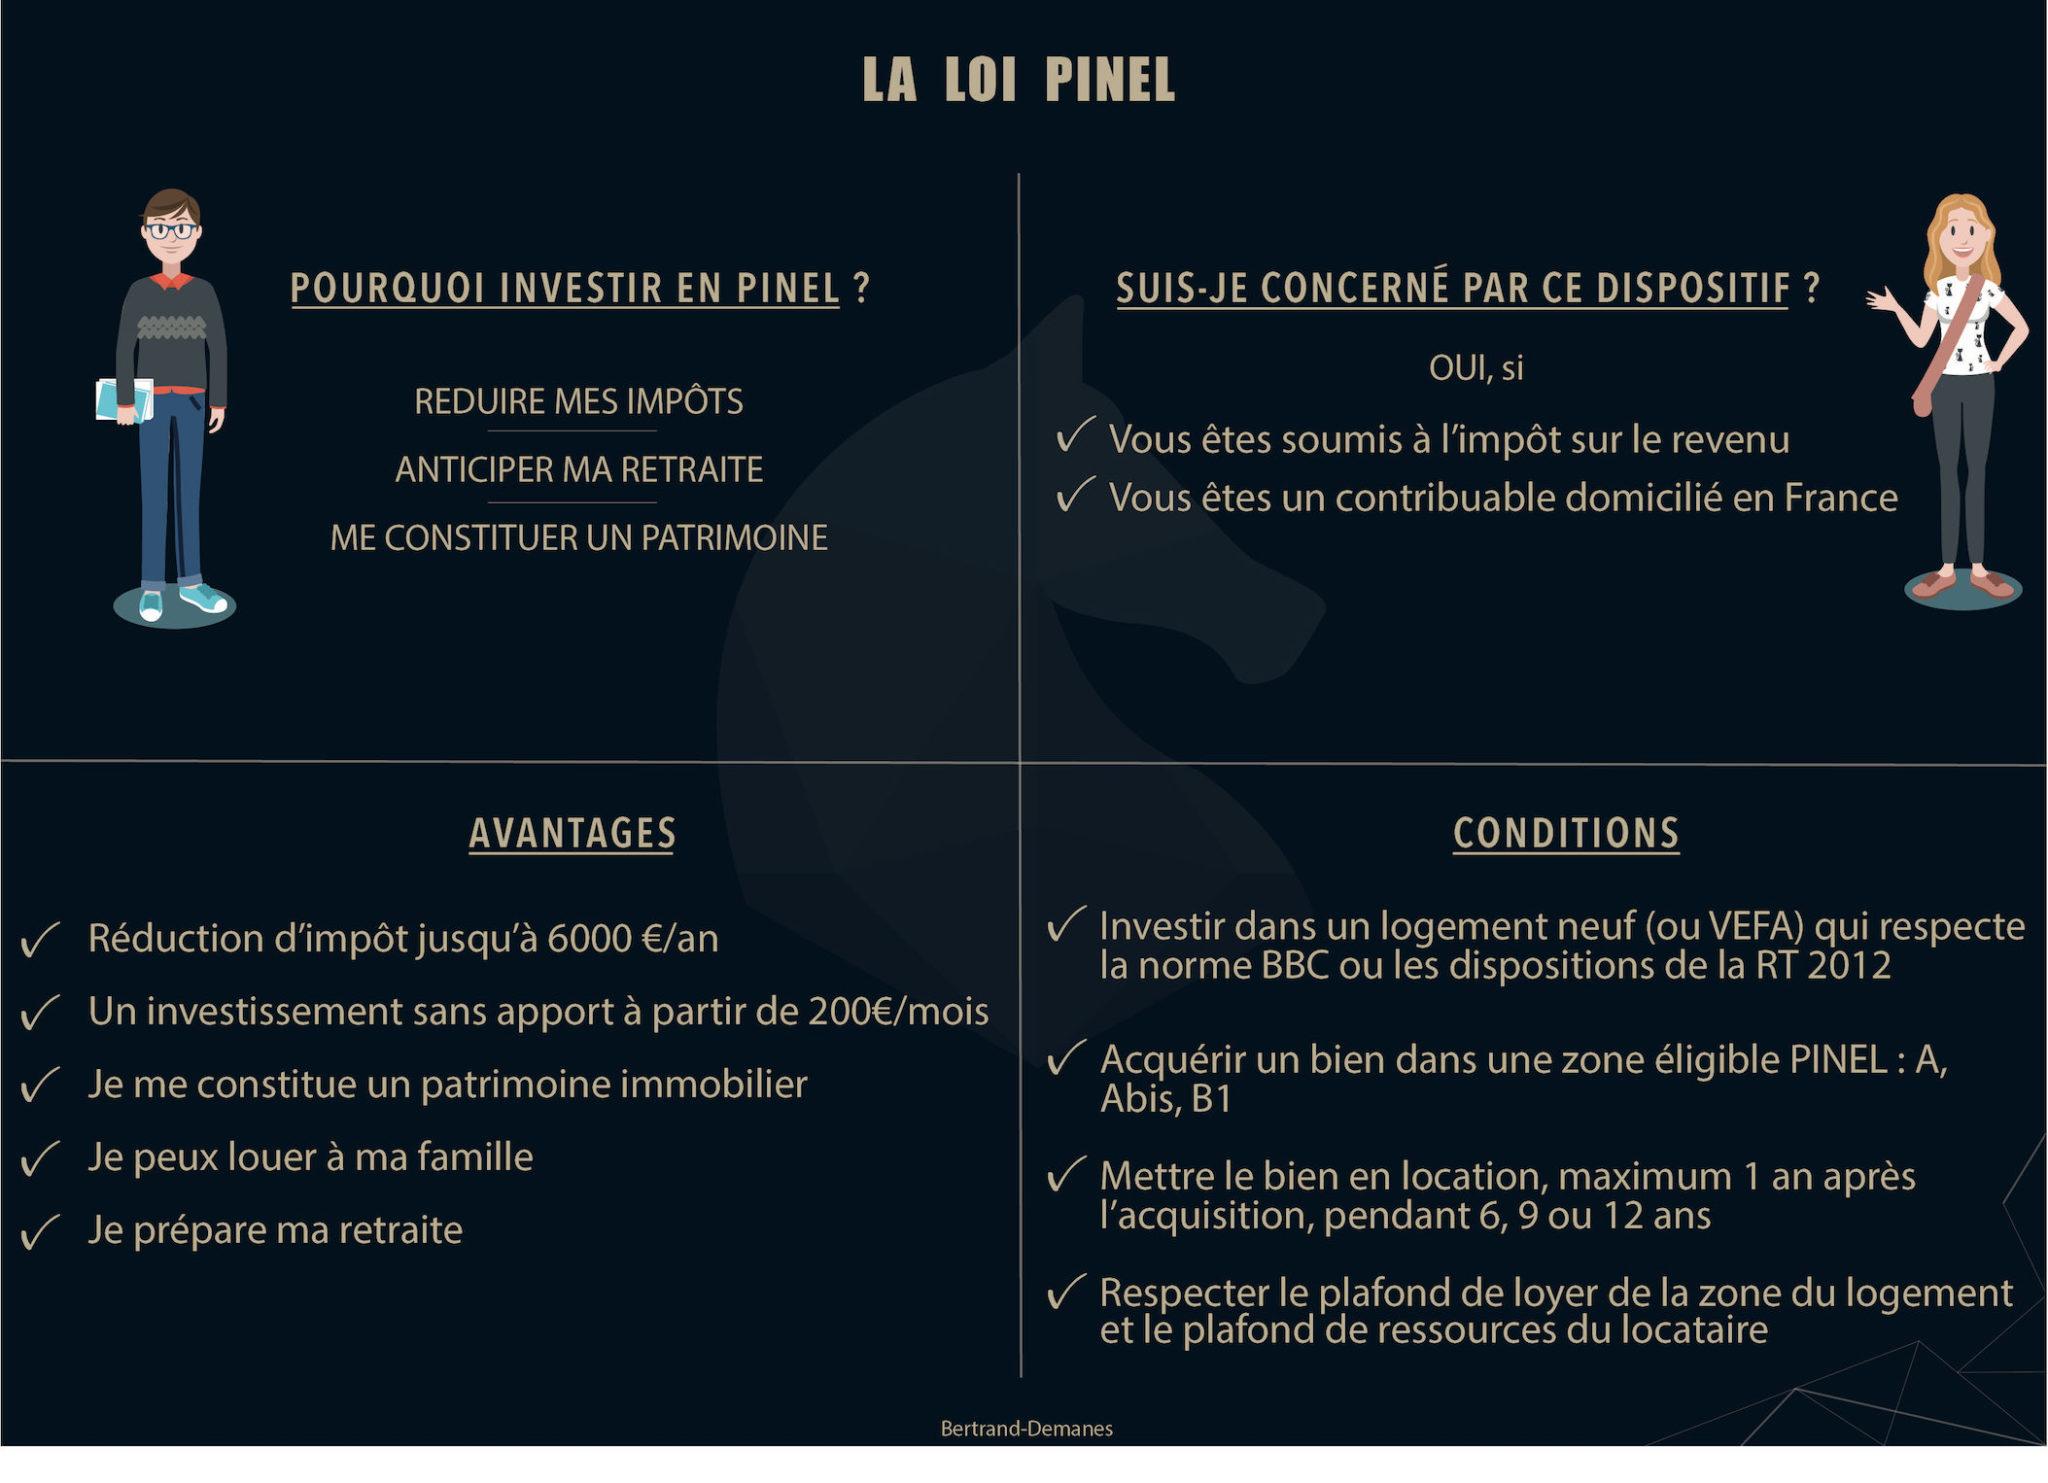 infographie-loi-pinel-tours-bertrand-demanes